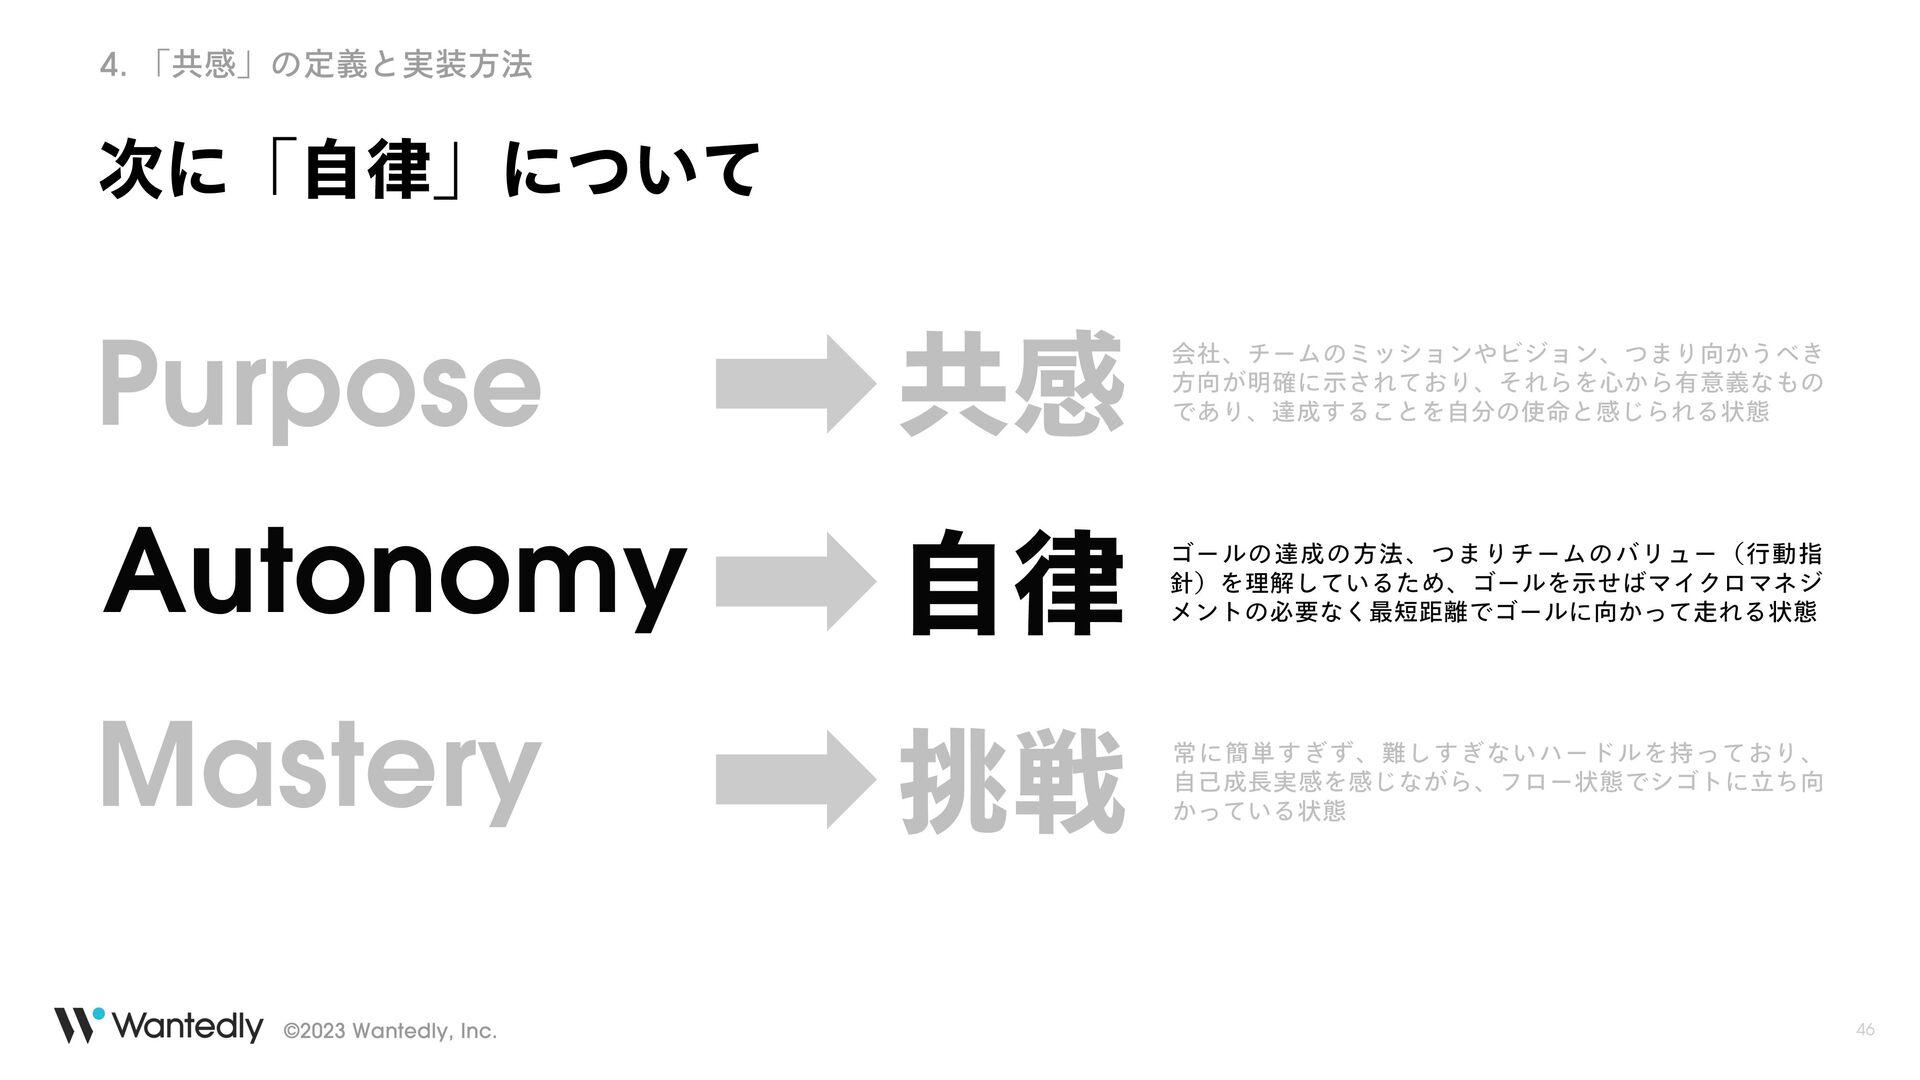 ʹʮࣗʯʹ͍ͭͯ Autonomy ࣗ ΰʔϧͷୡͷํ๏ɺͭ·ΓνʔϜͷόϦϡʔʢߦಈ...